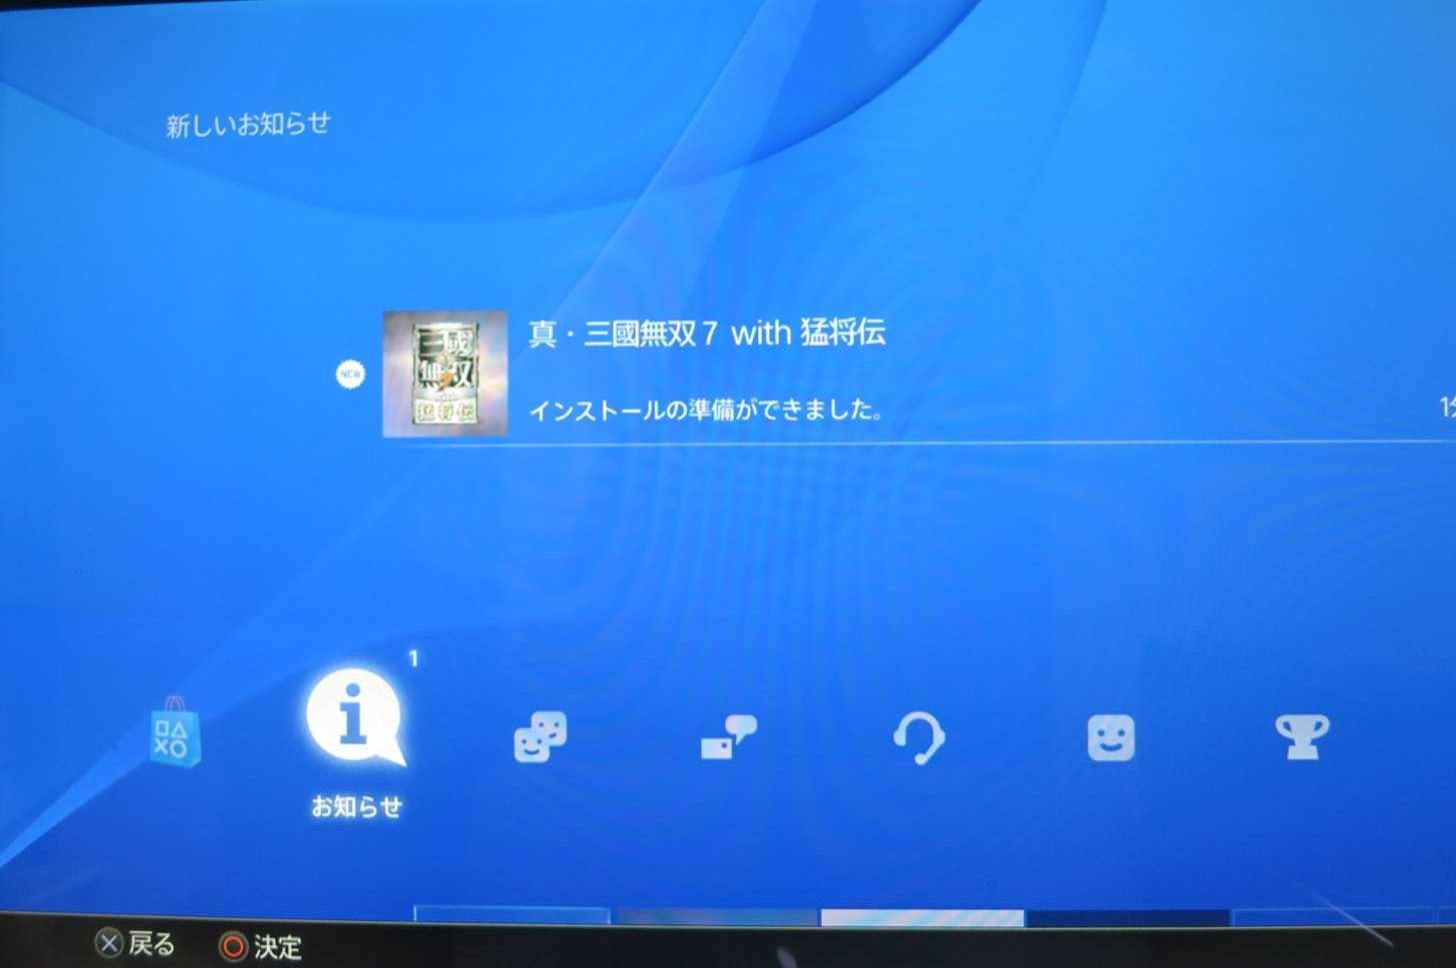 PS4のお知らせへ